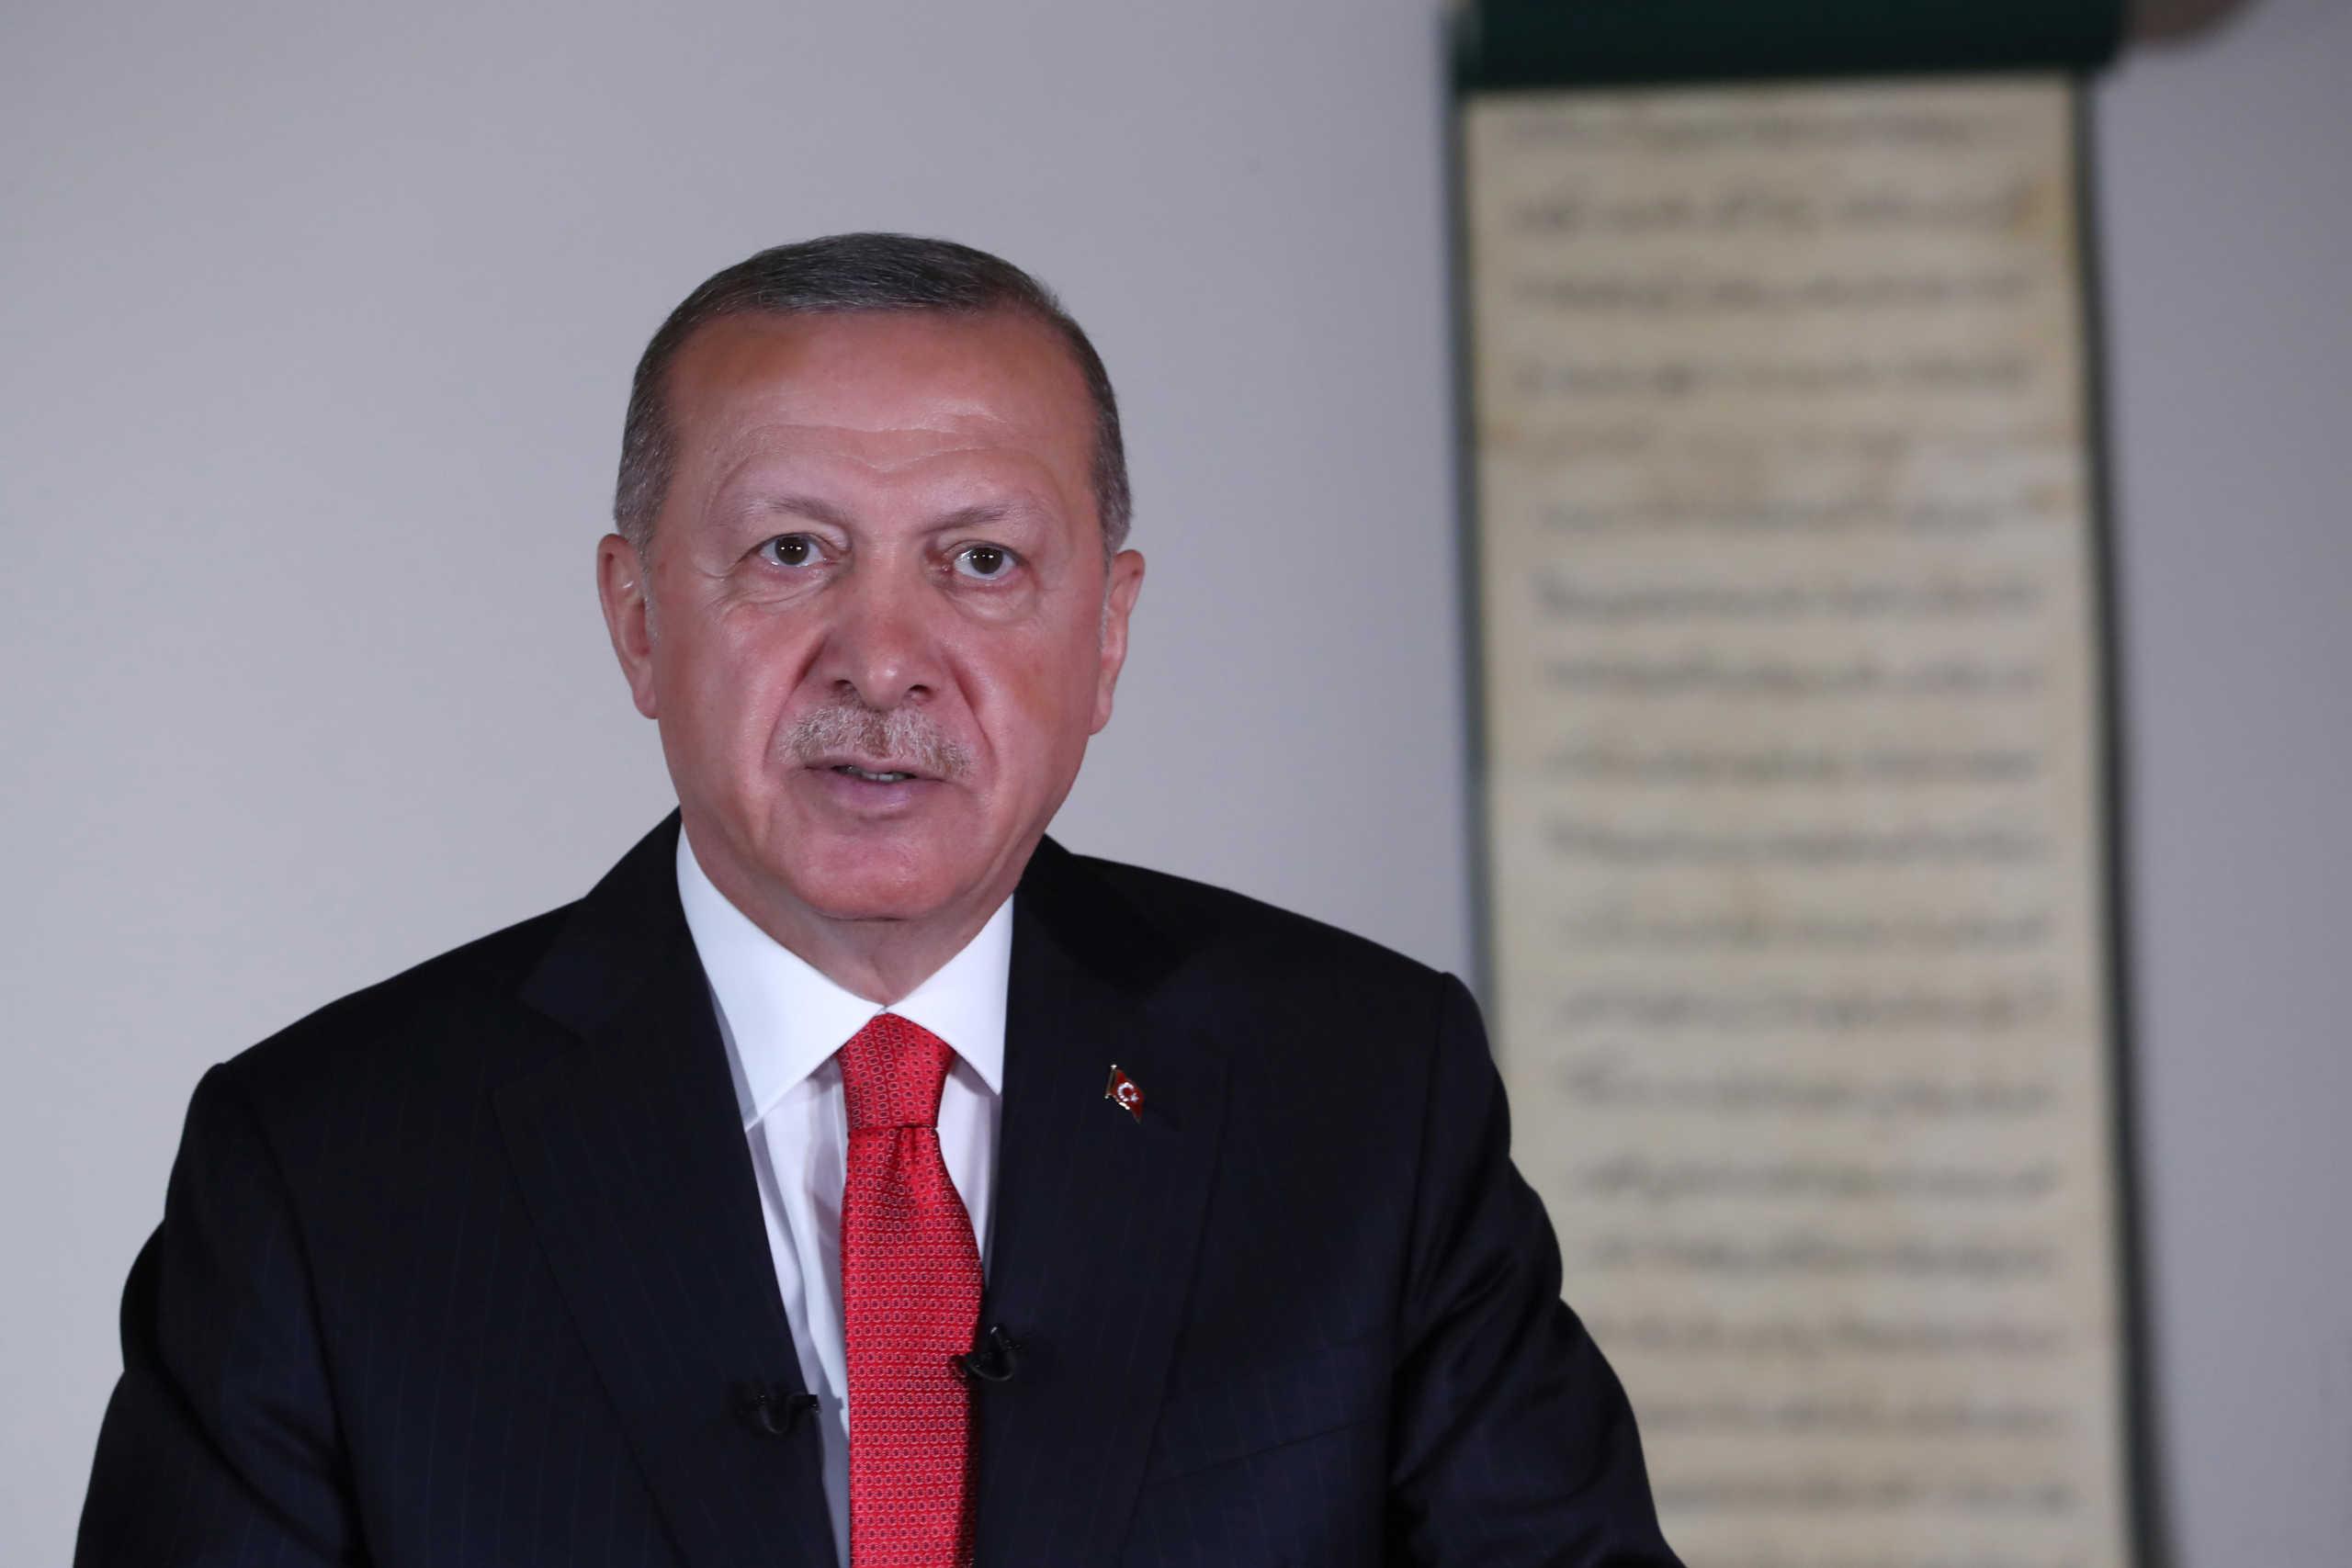 Τηλεφωνική επικοινωνία Ερντογάν- Στόλτενμπεγκ: Παράθυρο διαλόγου από την Τουρκία